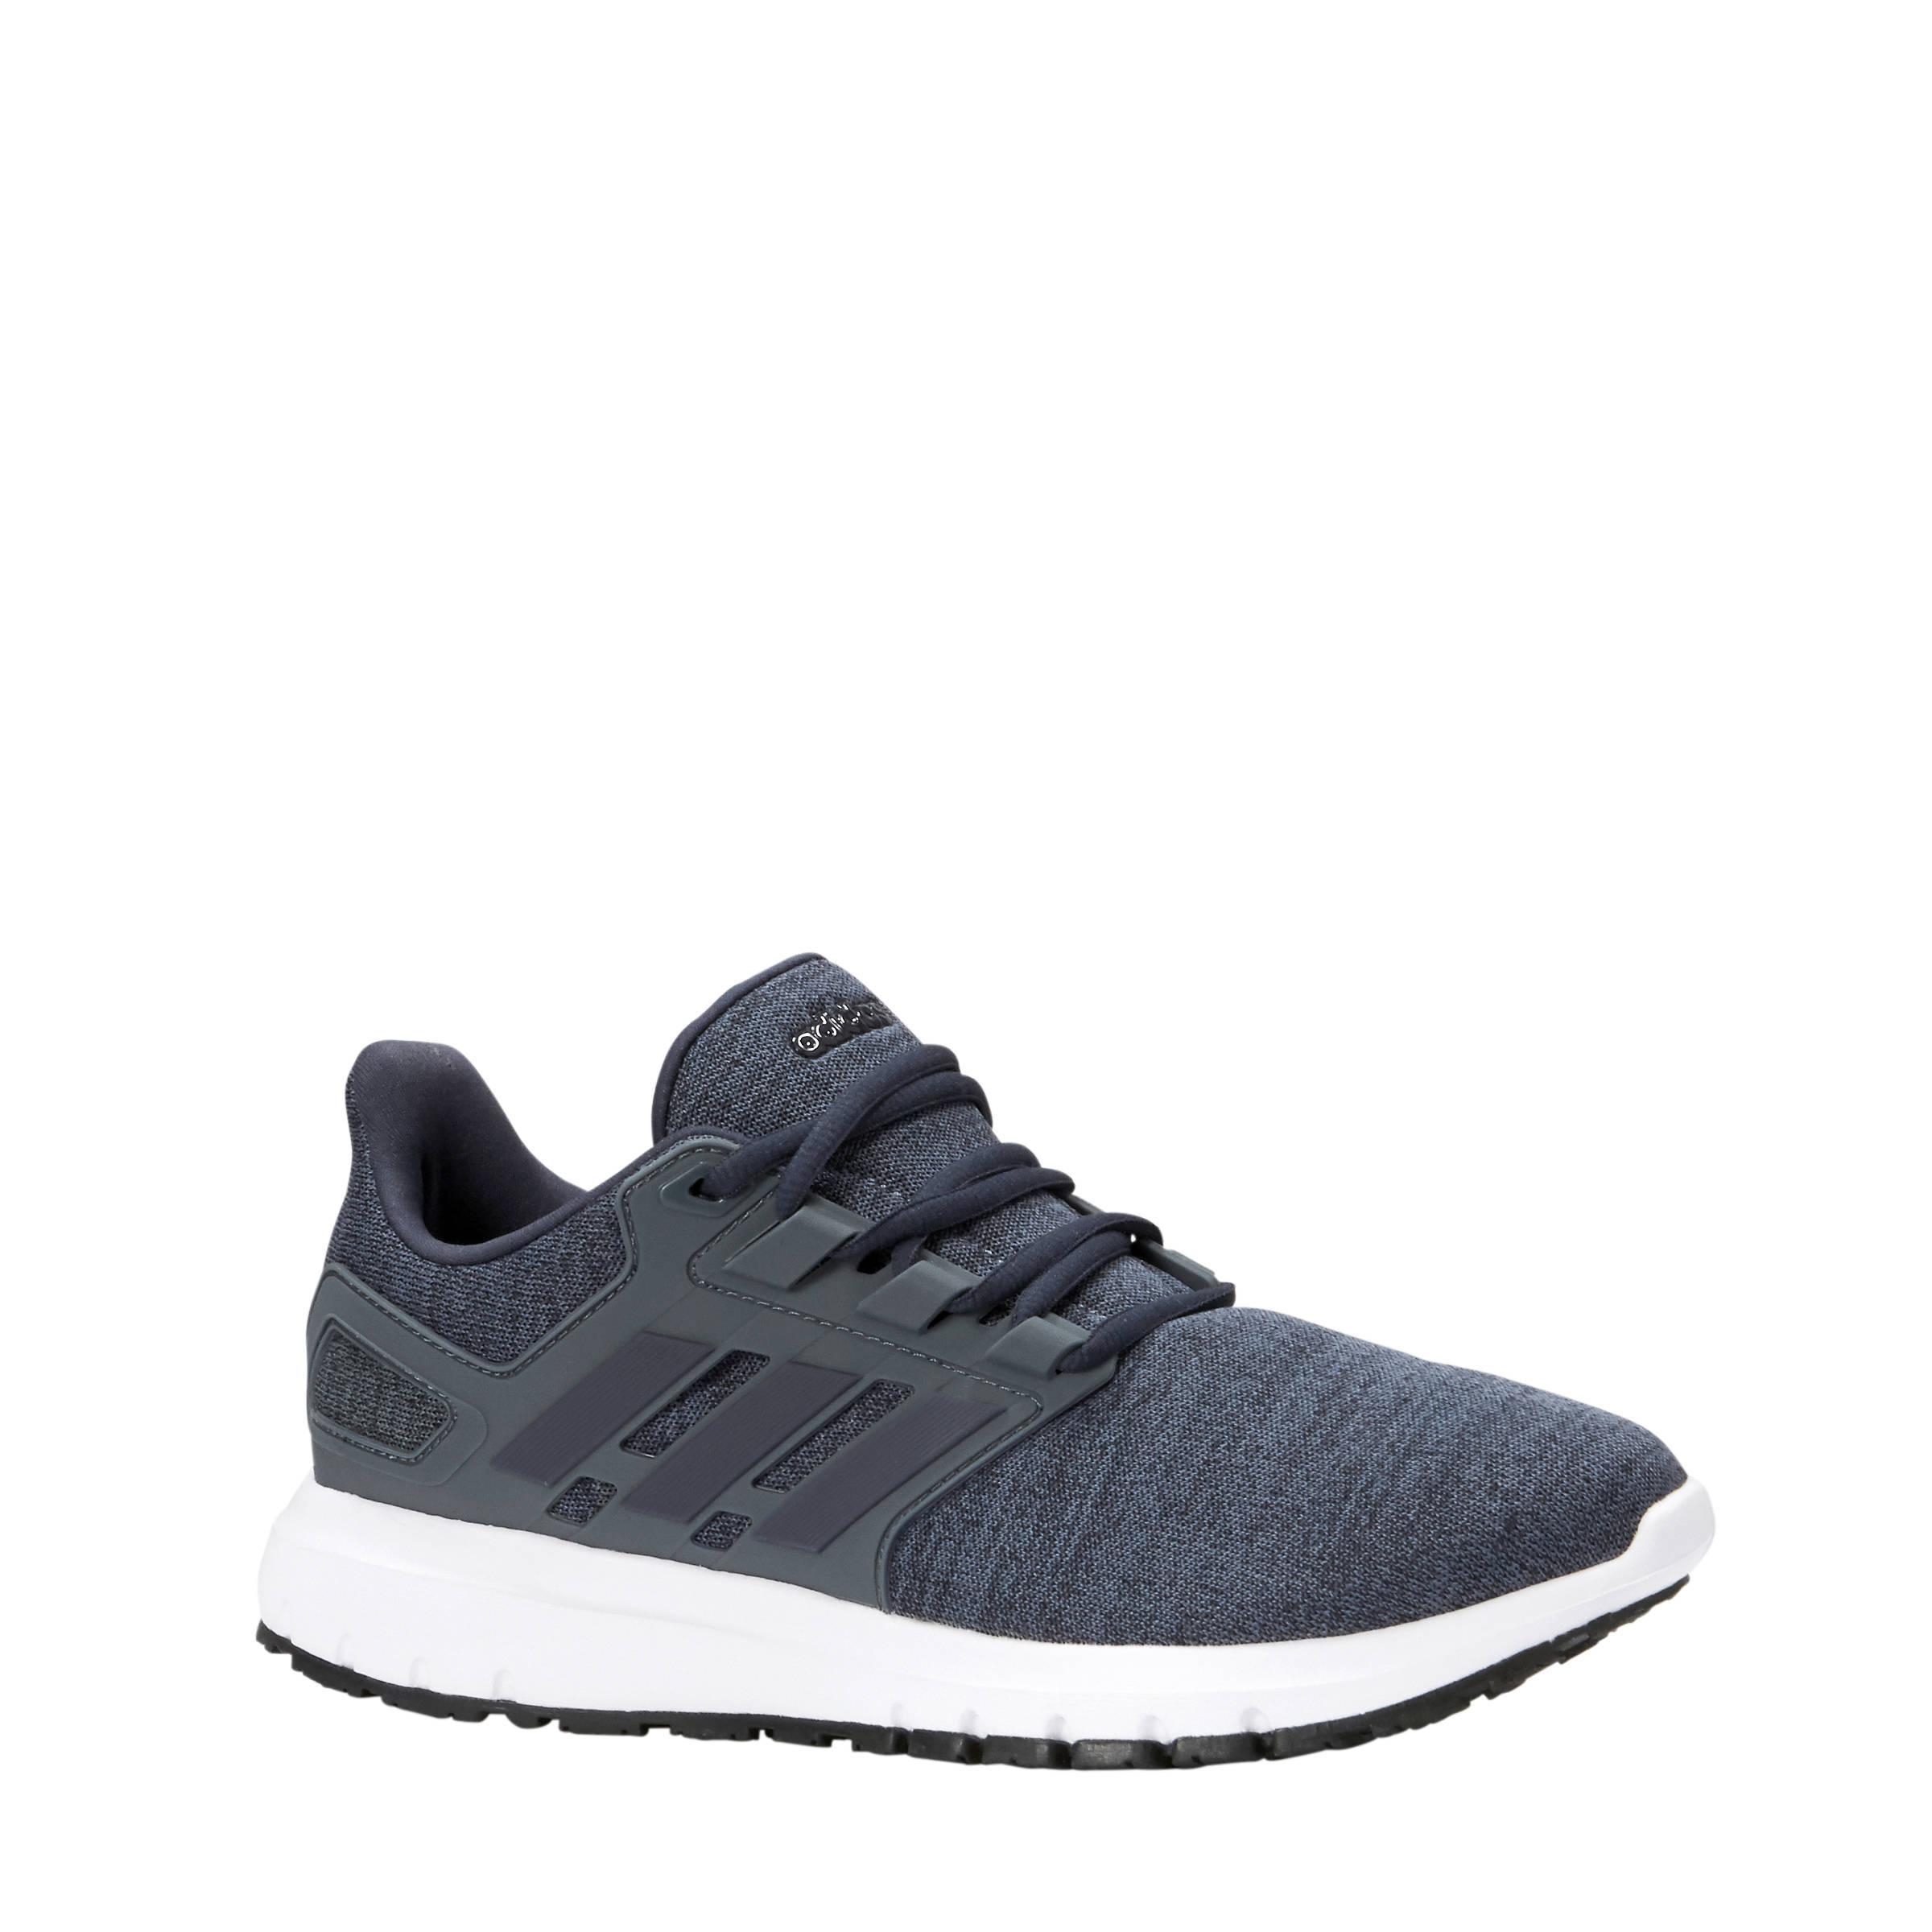 hot sale online b6f81 08039 adidas performance Energy Cloud hardloopschoenen grijsblauw